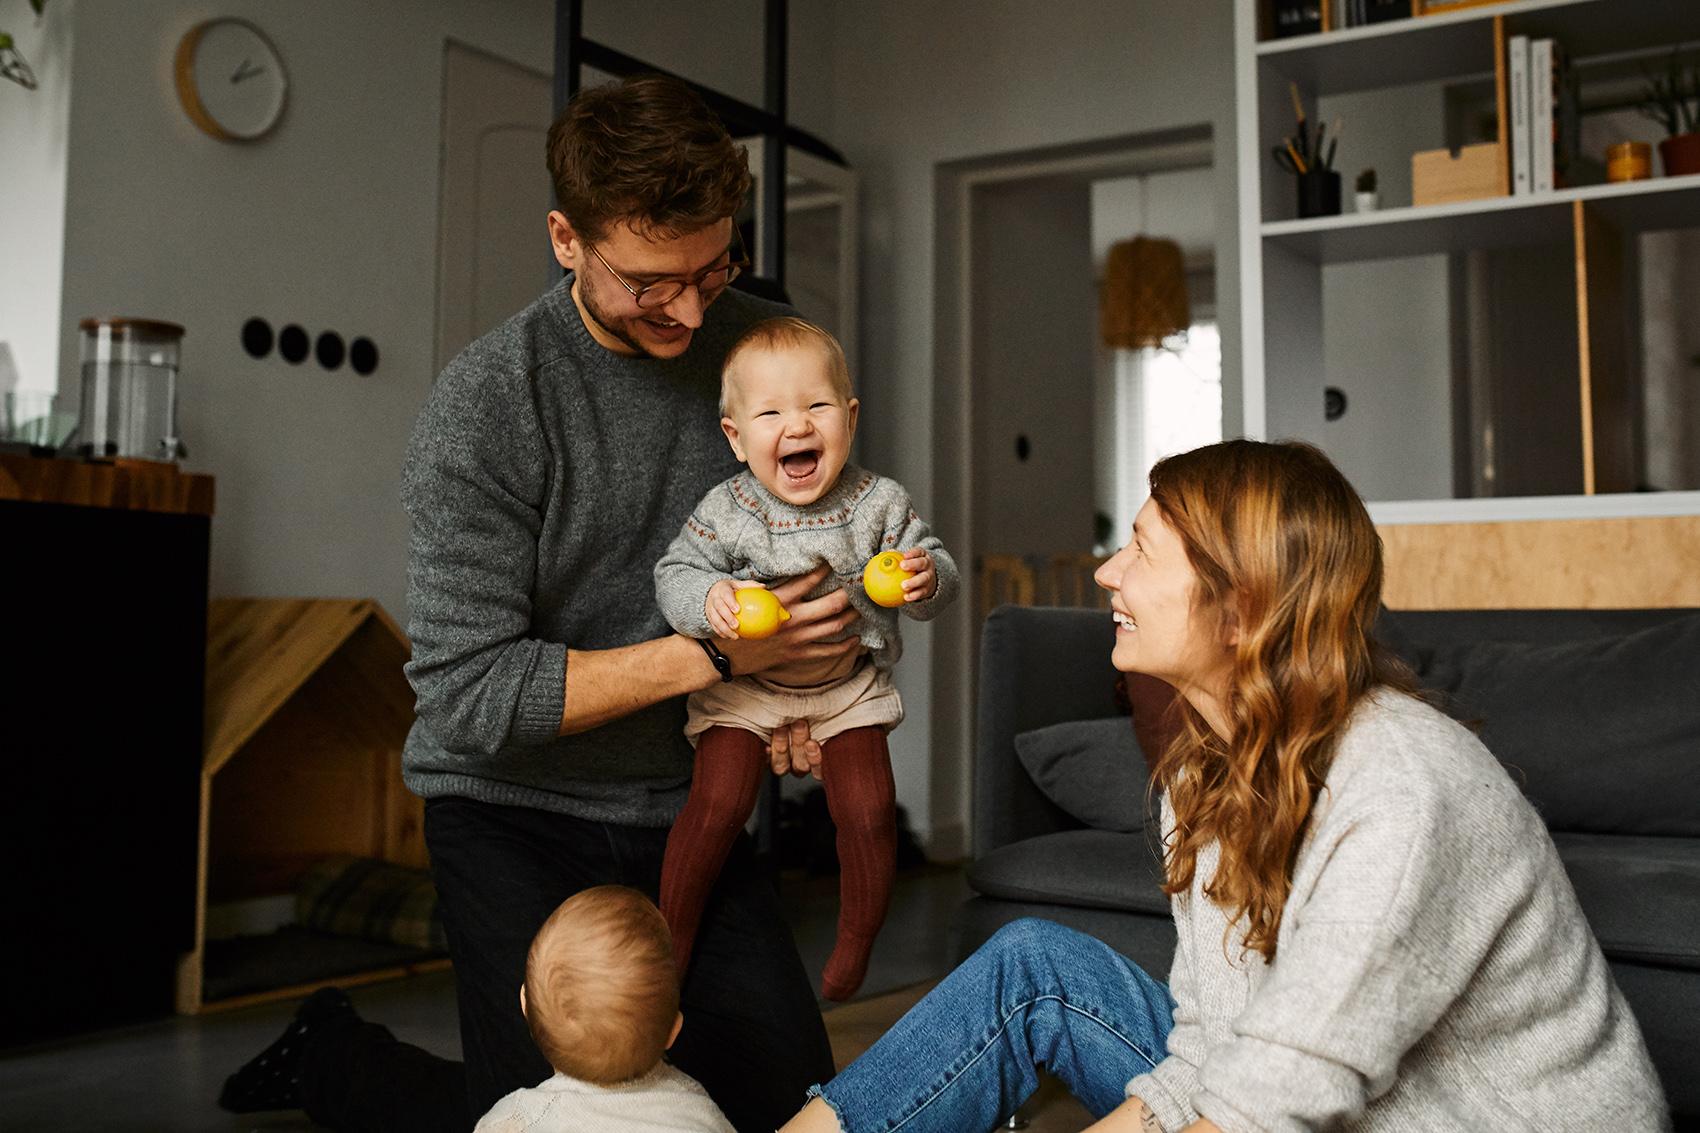 naturalne emocje sesja w domu rodzinny fotograf warszawa